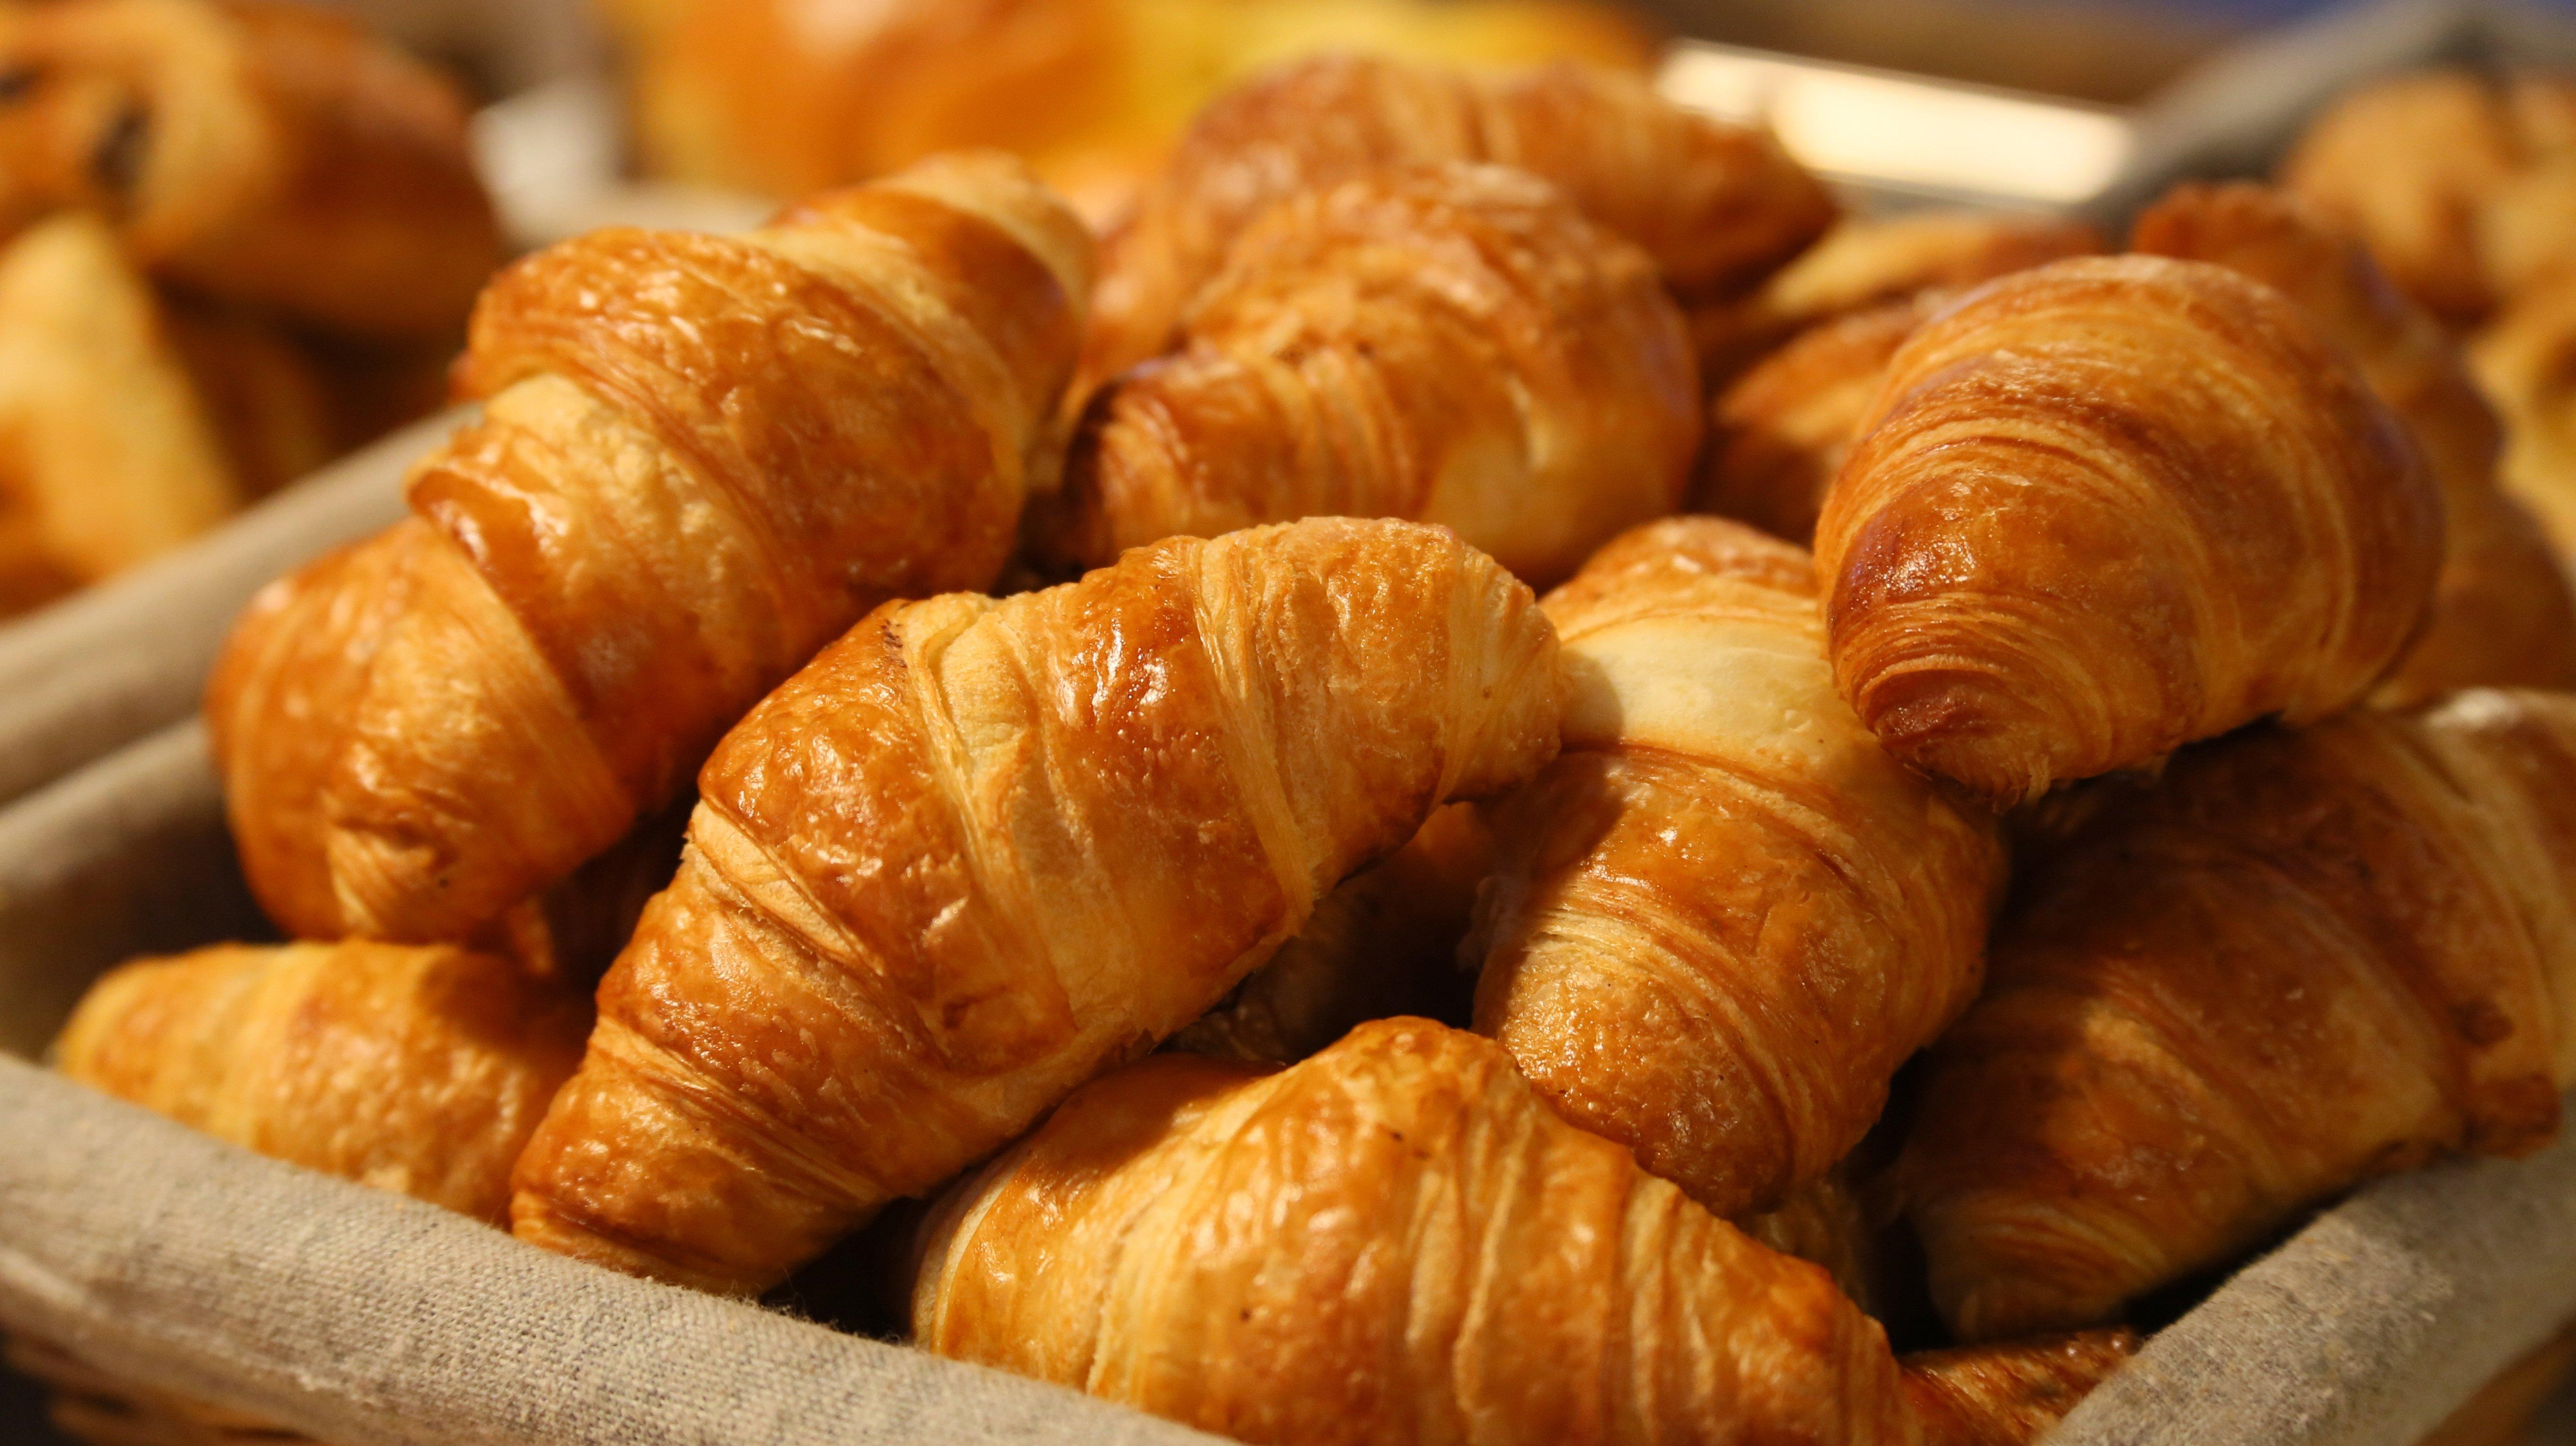 Croissants dans un panier - Image par Pexels de Pixabay